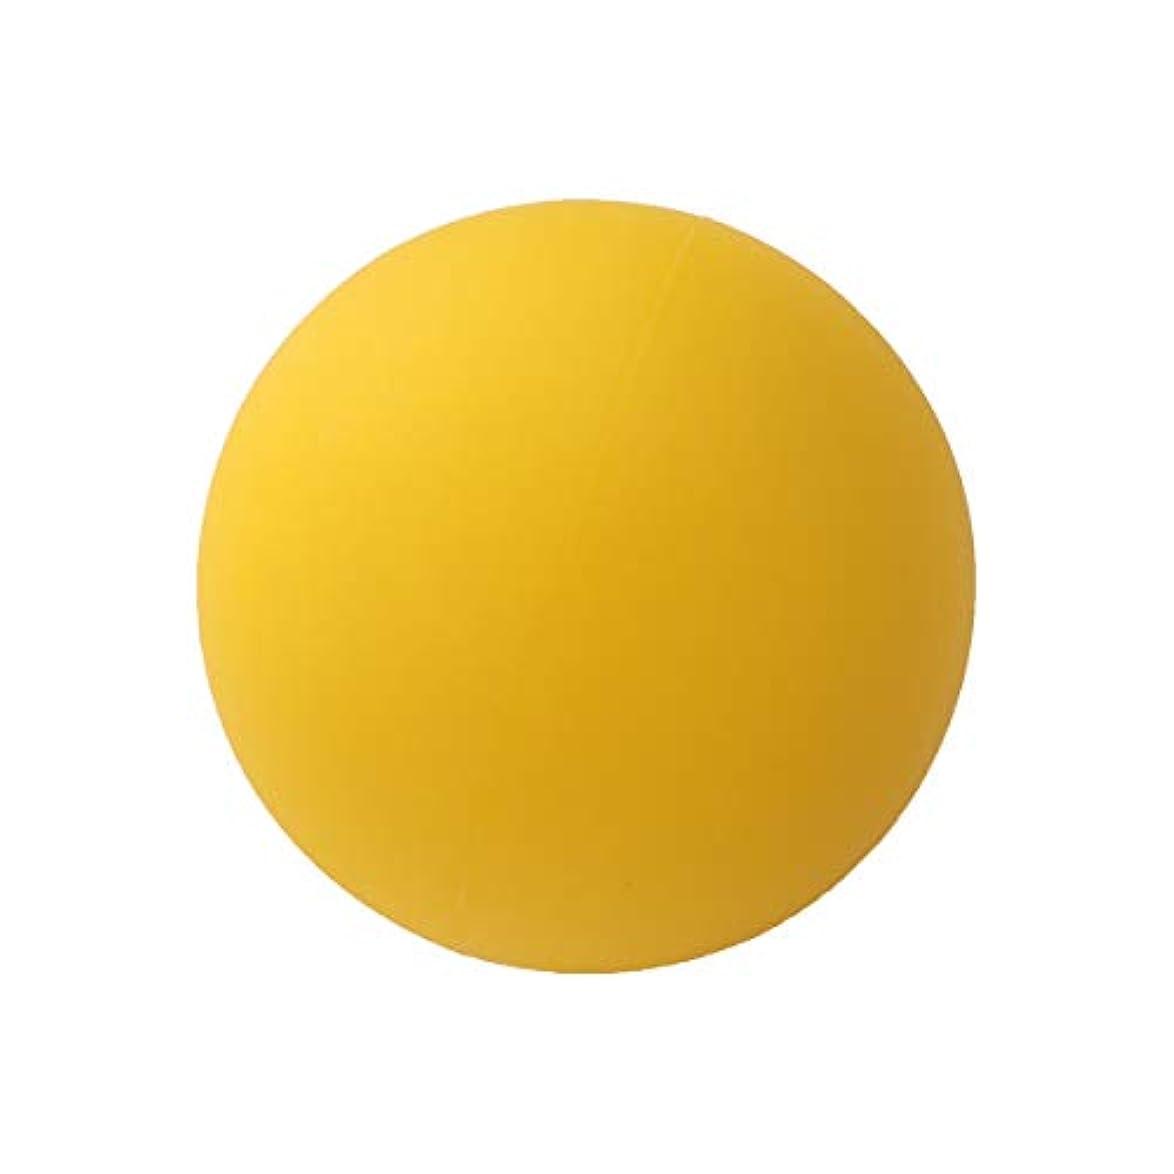 オーロック醸造所磁石VORCOOL マッサージボール ヨガ ストレッチボール トリガーポイント 筋膜リリース トレーニング 背中 肩こり 腰 ふくらはぎ 足裏 ツボ押しグッズ 物理 マッサージ 療法ボール